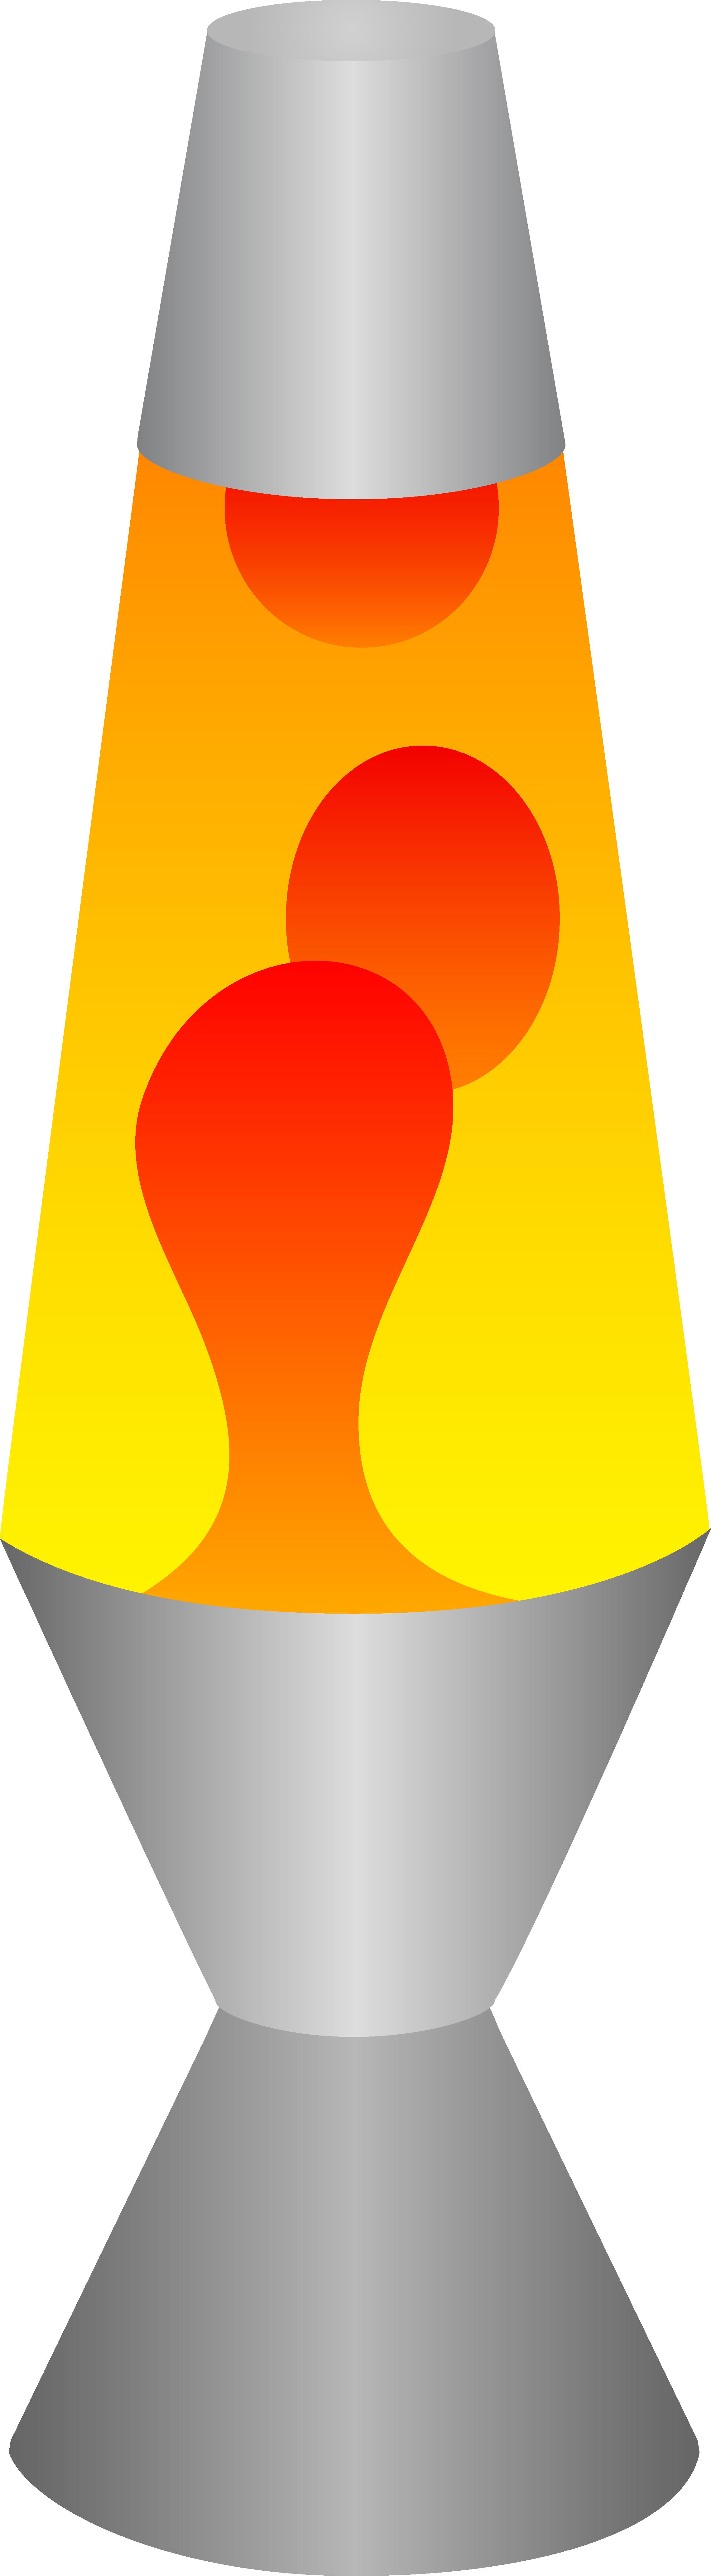 Lava Lamp Clipart Clipground